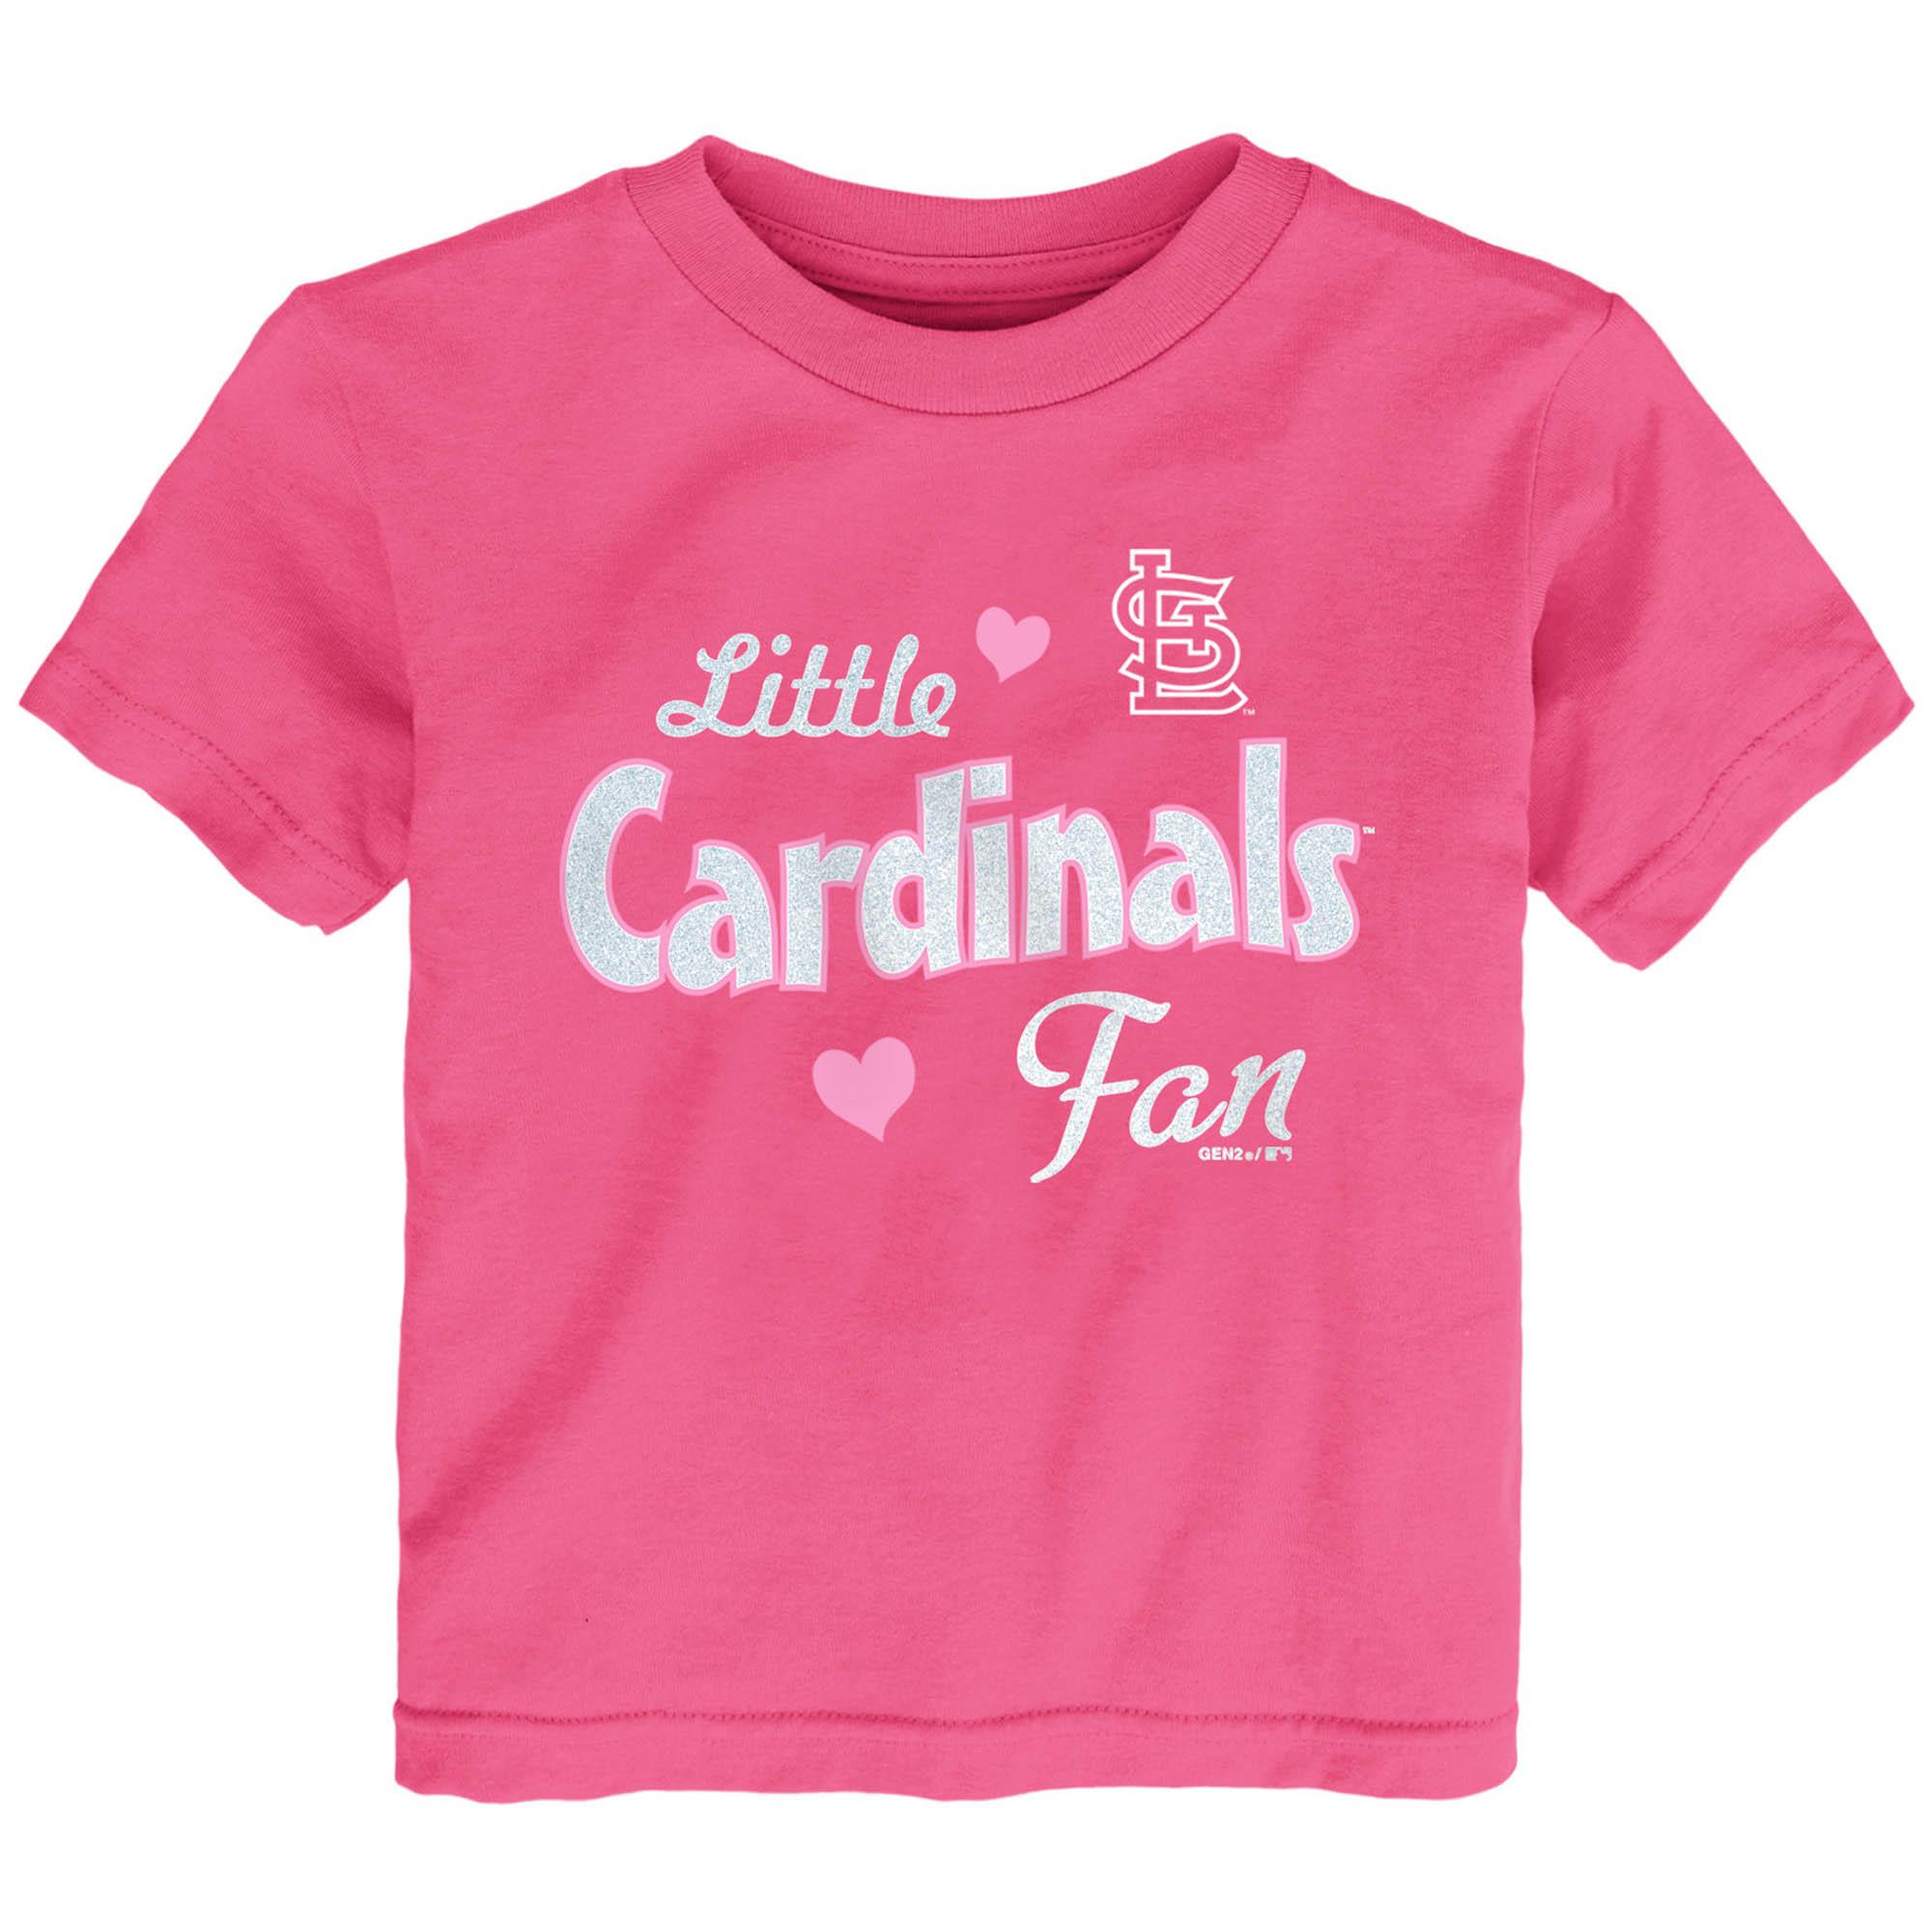 St. Louis Cardinals Girls Toddler Fan T-Shirt - Pink